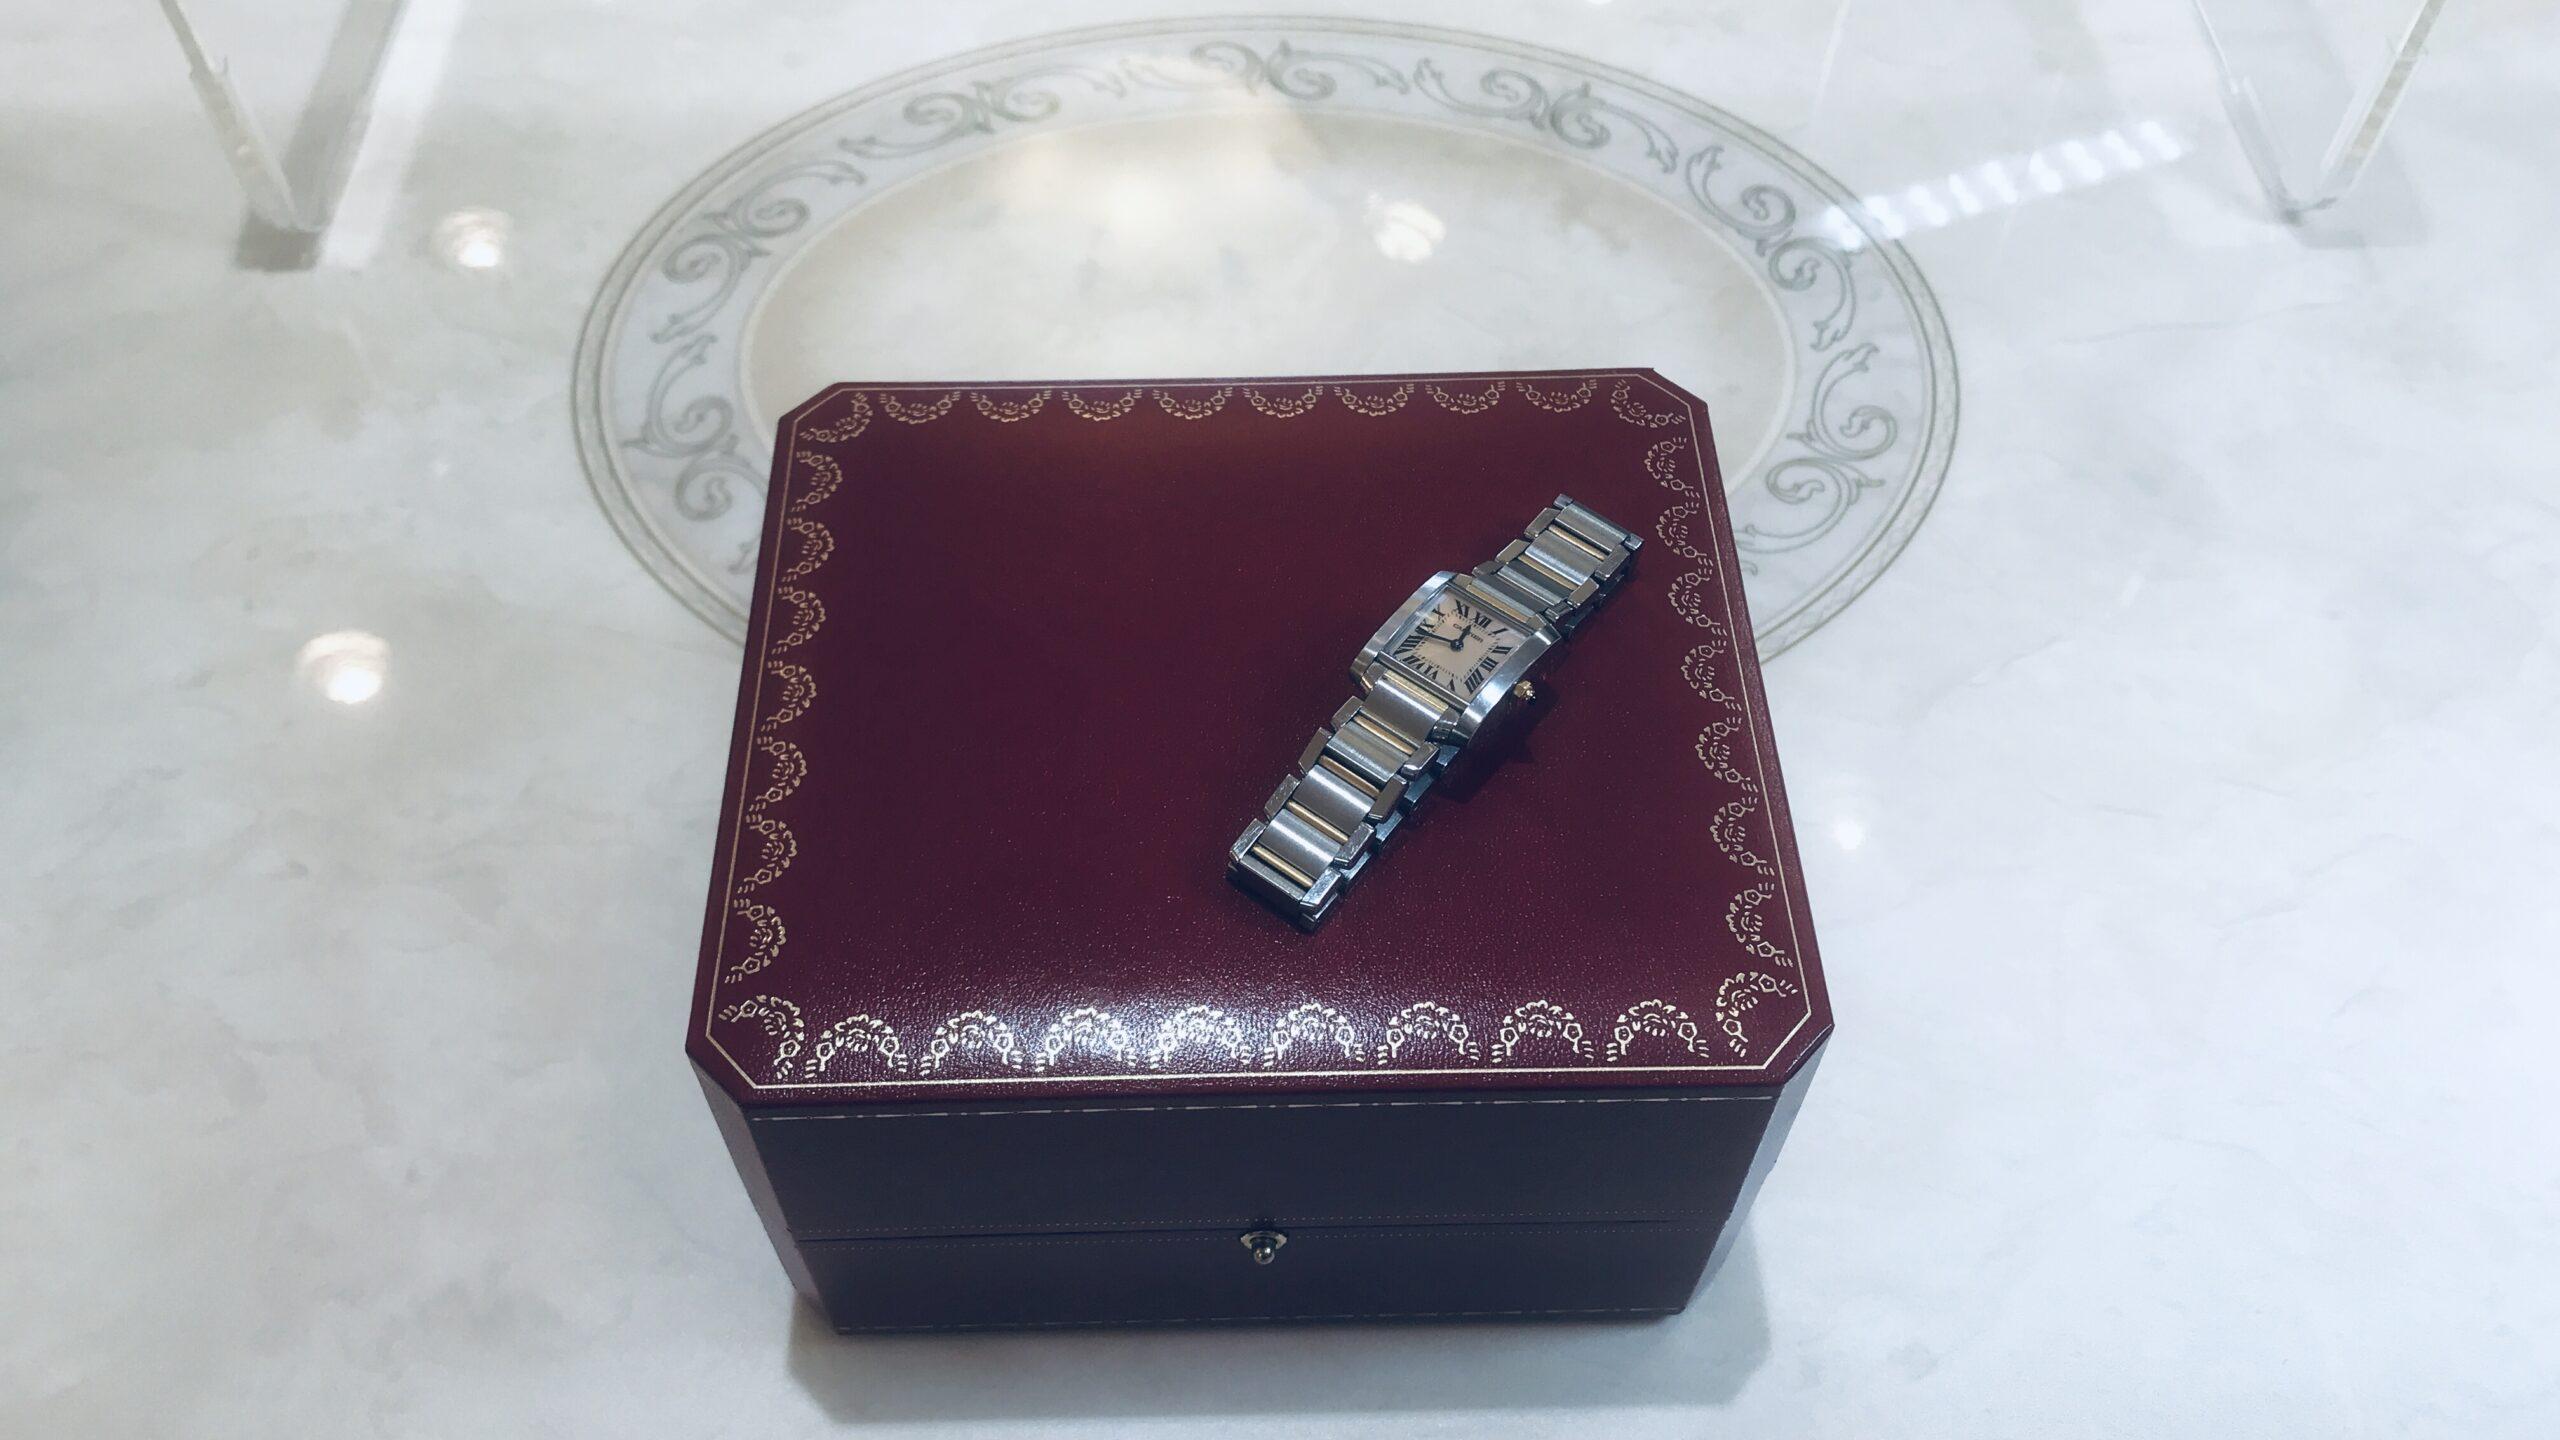 【買取速報】ピンク蝶貝、腕時計、K18YG、ステンレス、Cartier-2020-08-21